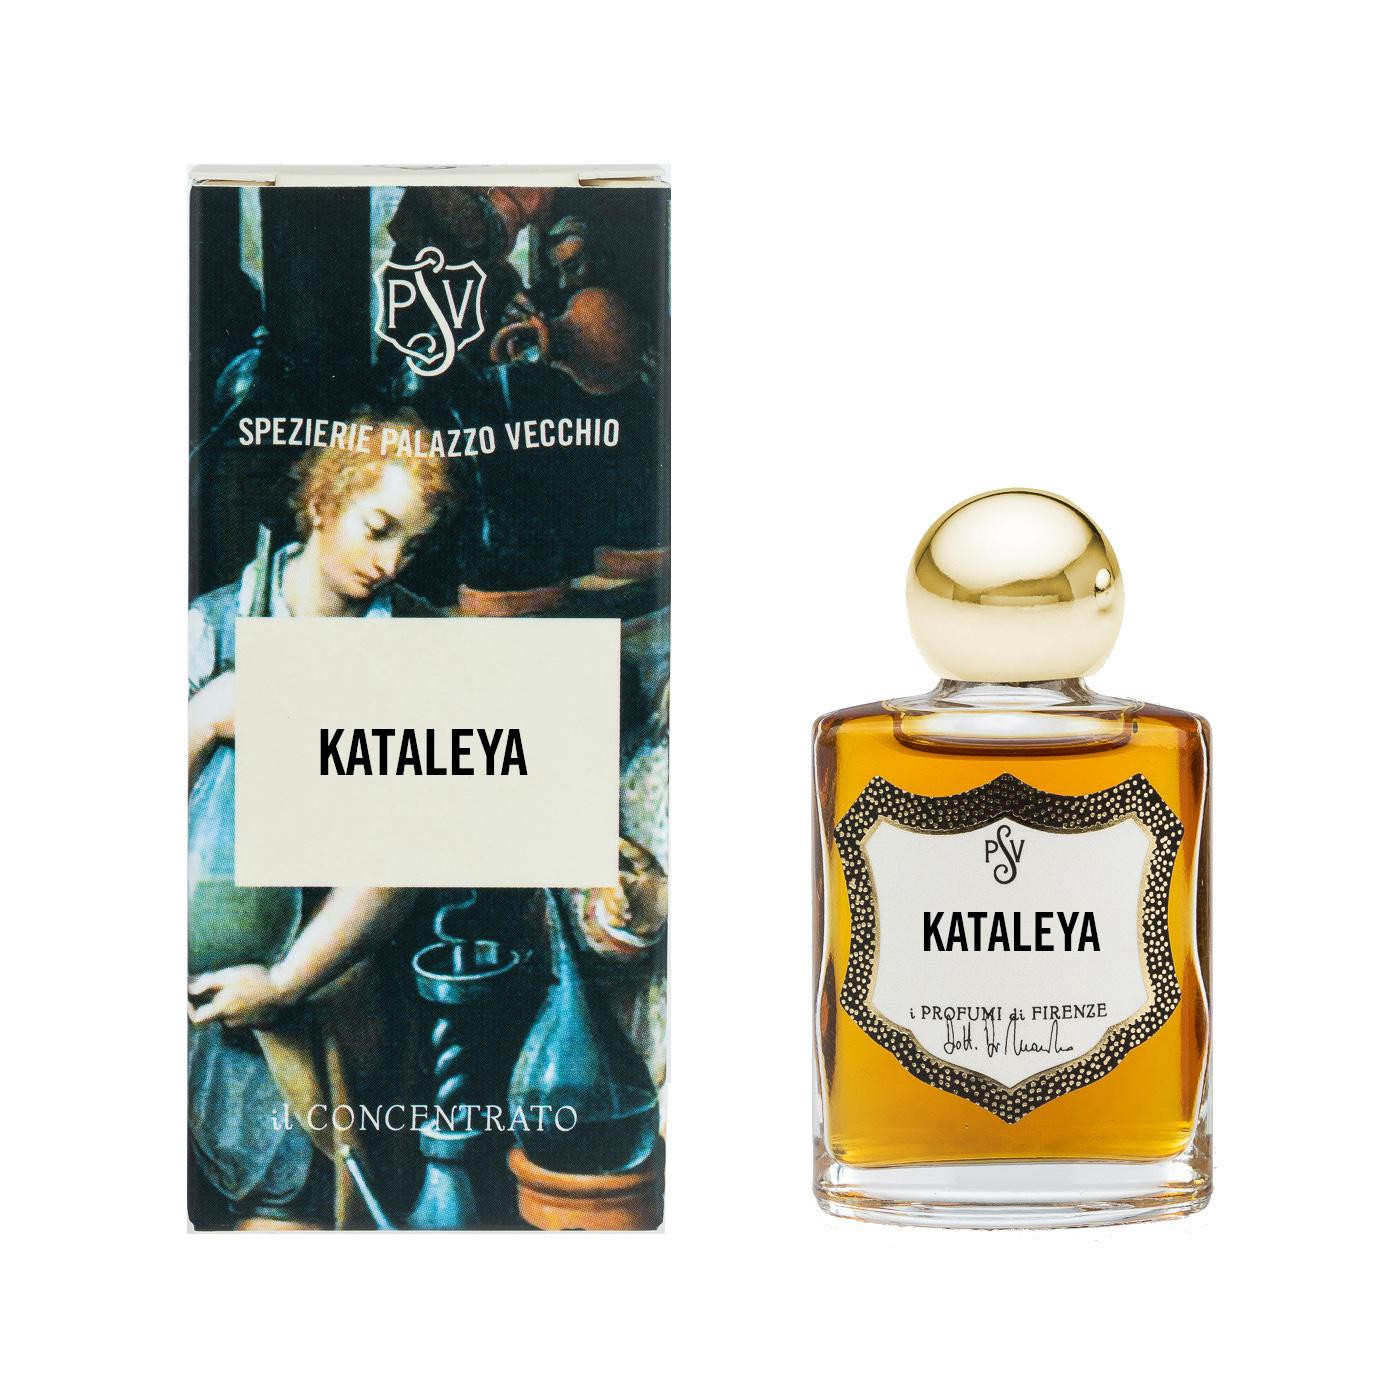 KATALEYA Ambra e Patchouli - Il Concentrato-3843